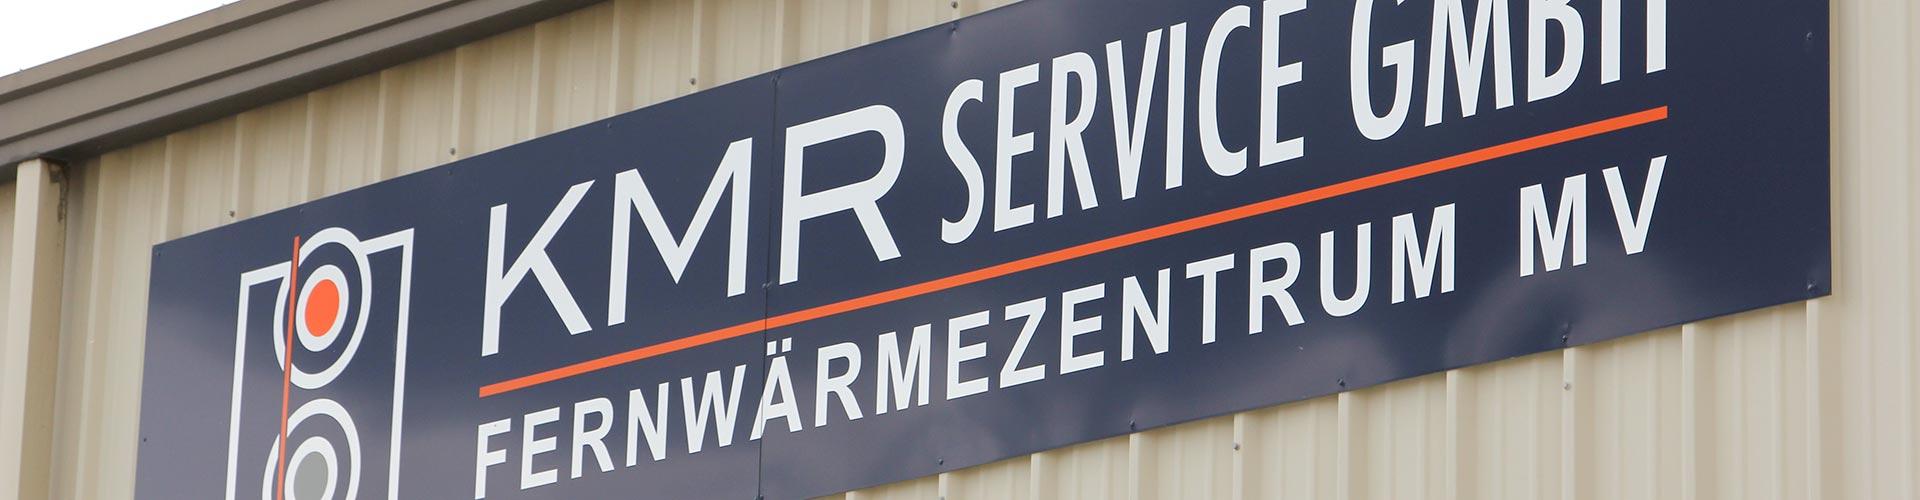 KMR Service GmbH - Fernwärmeleitungen